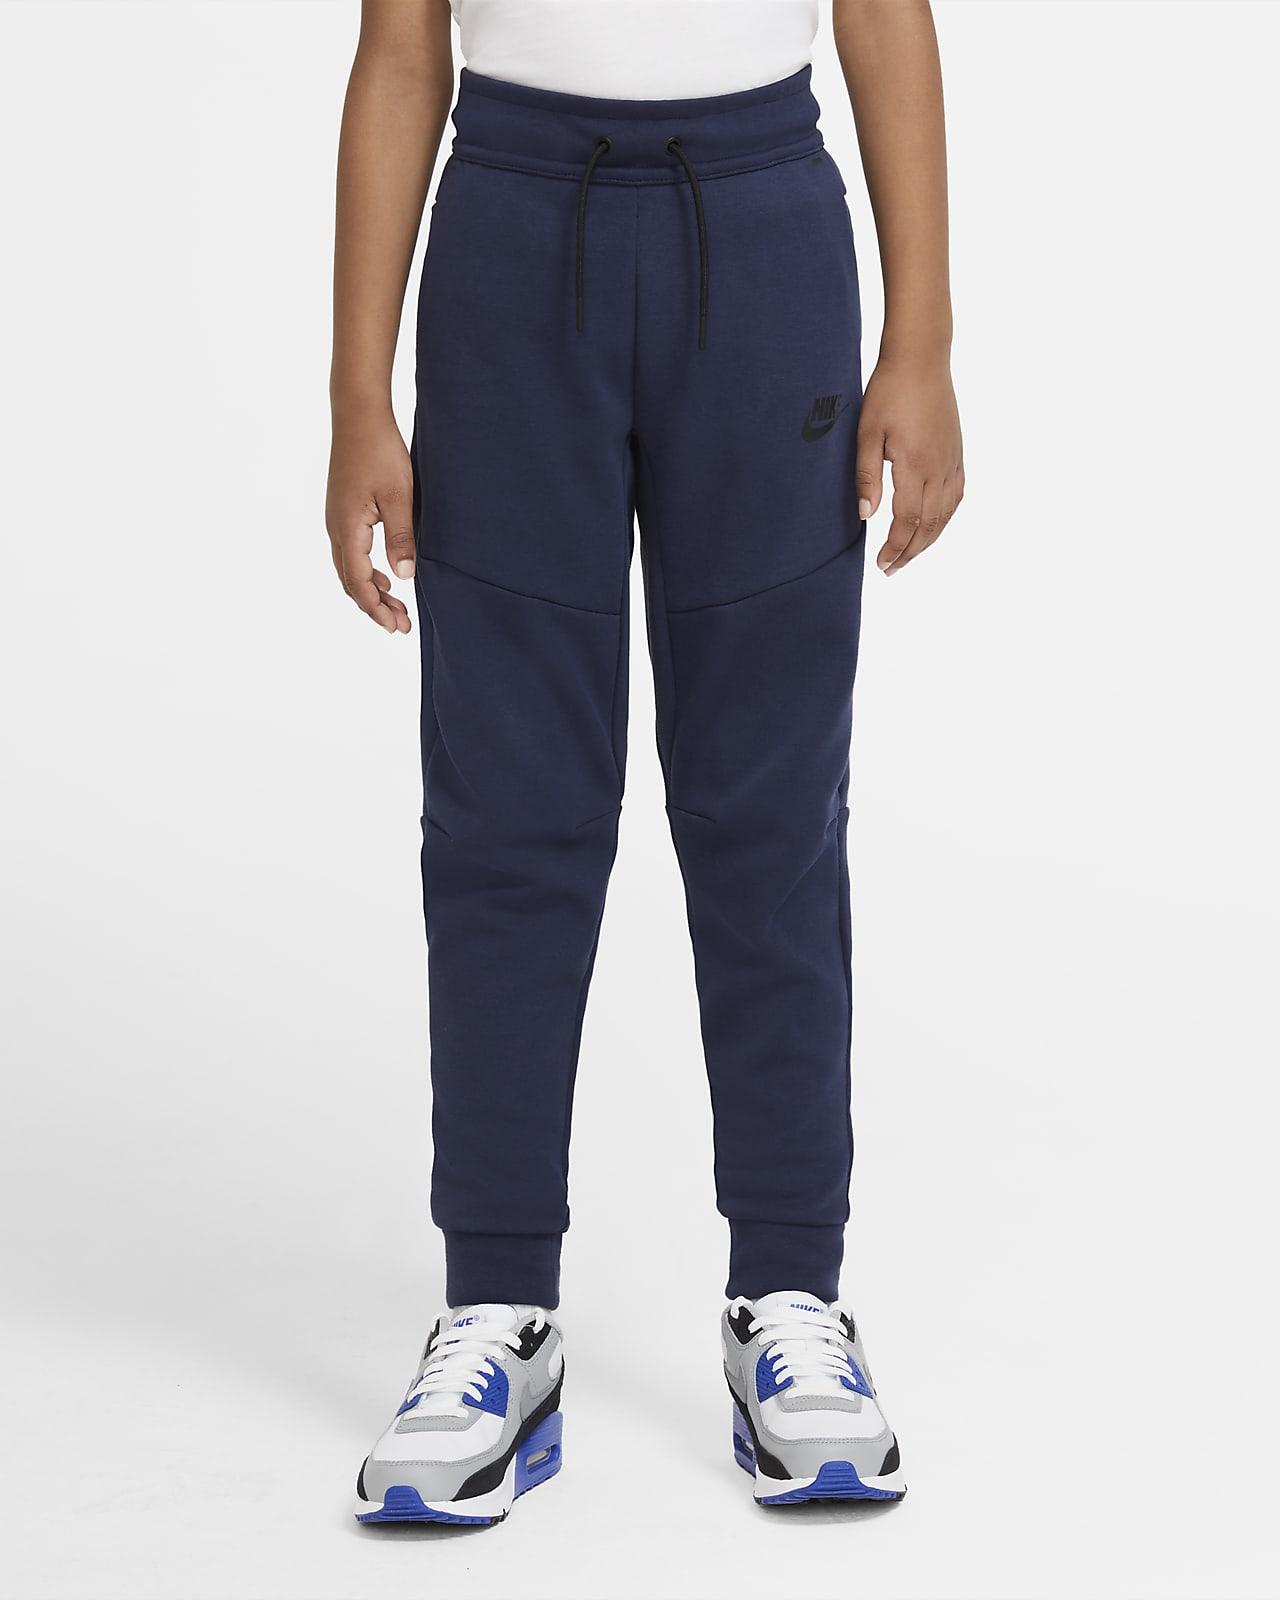 Spodnie dla dużych dzieci (chłopców) Nike Sportswear Tech Fleece